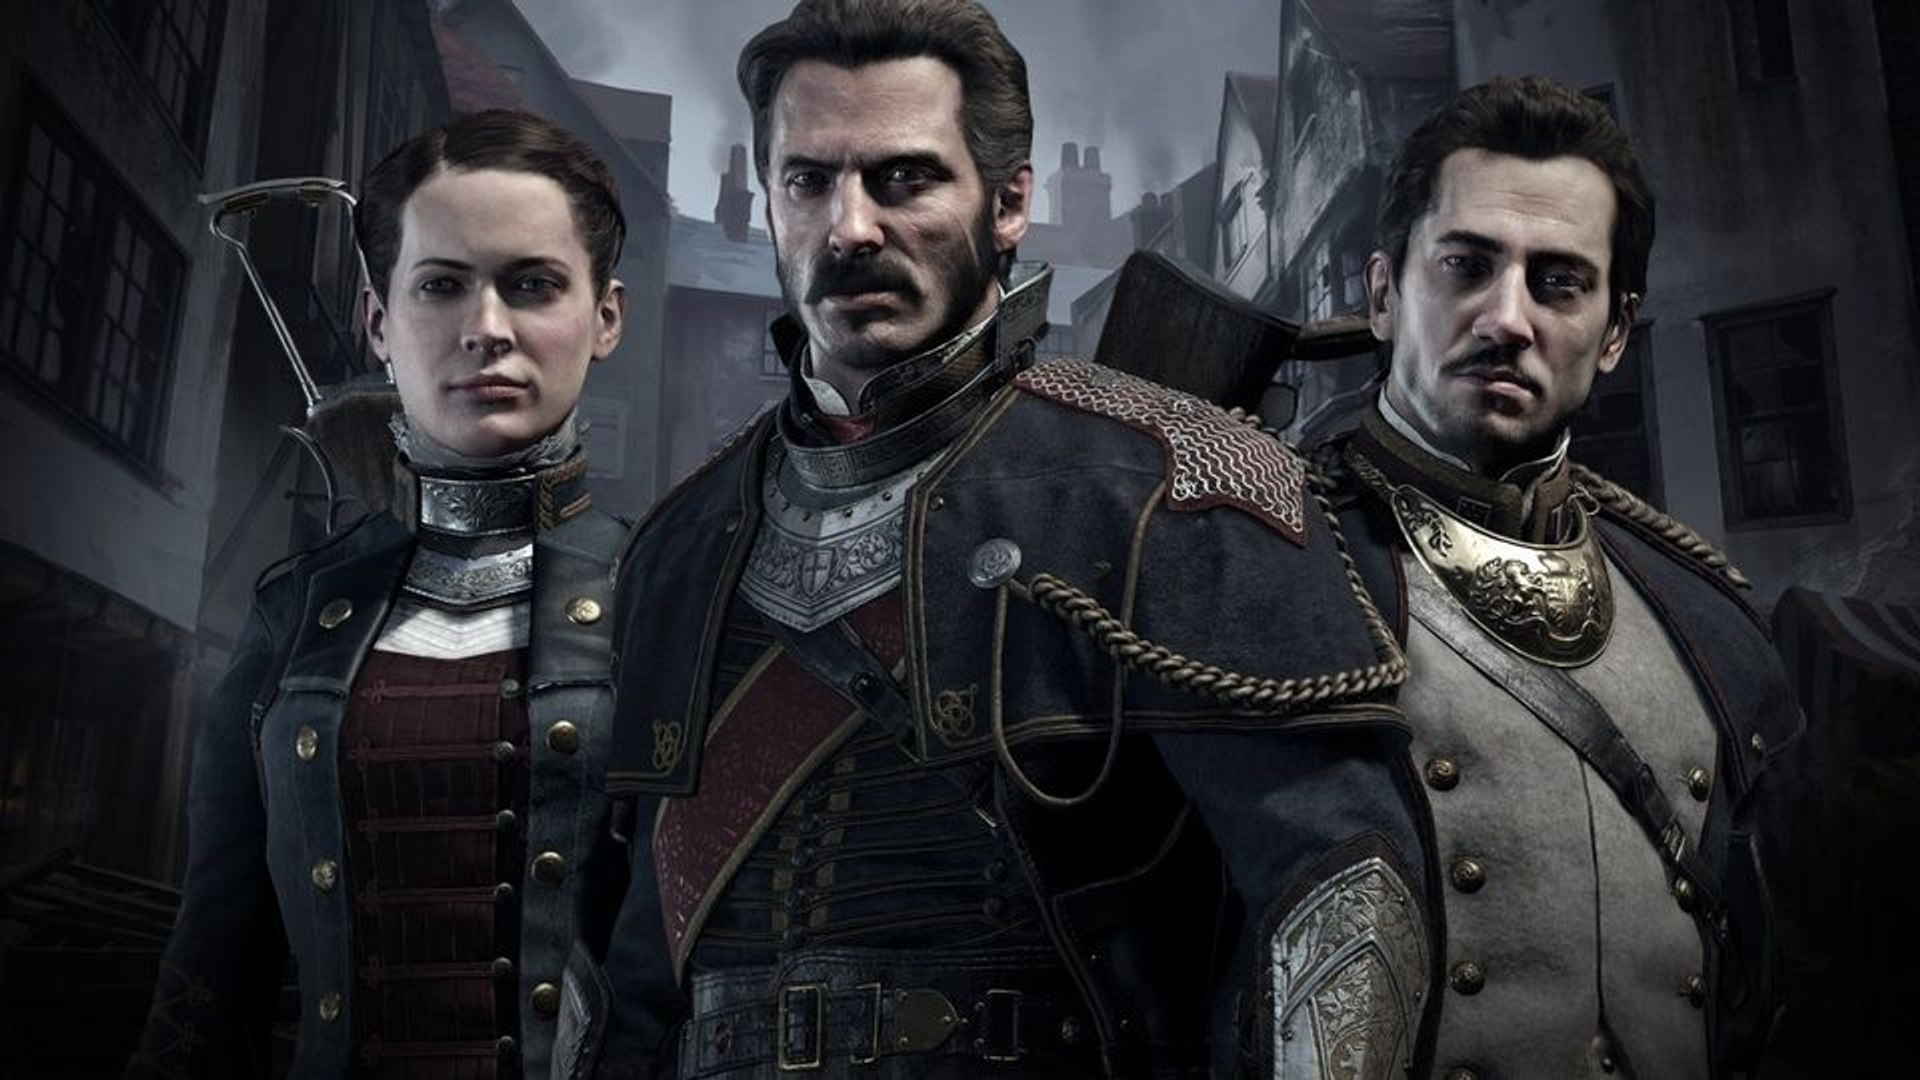 Aseguran que una secuela de The Order: 1886 podría estar en marcha en PS5